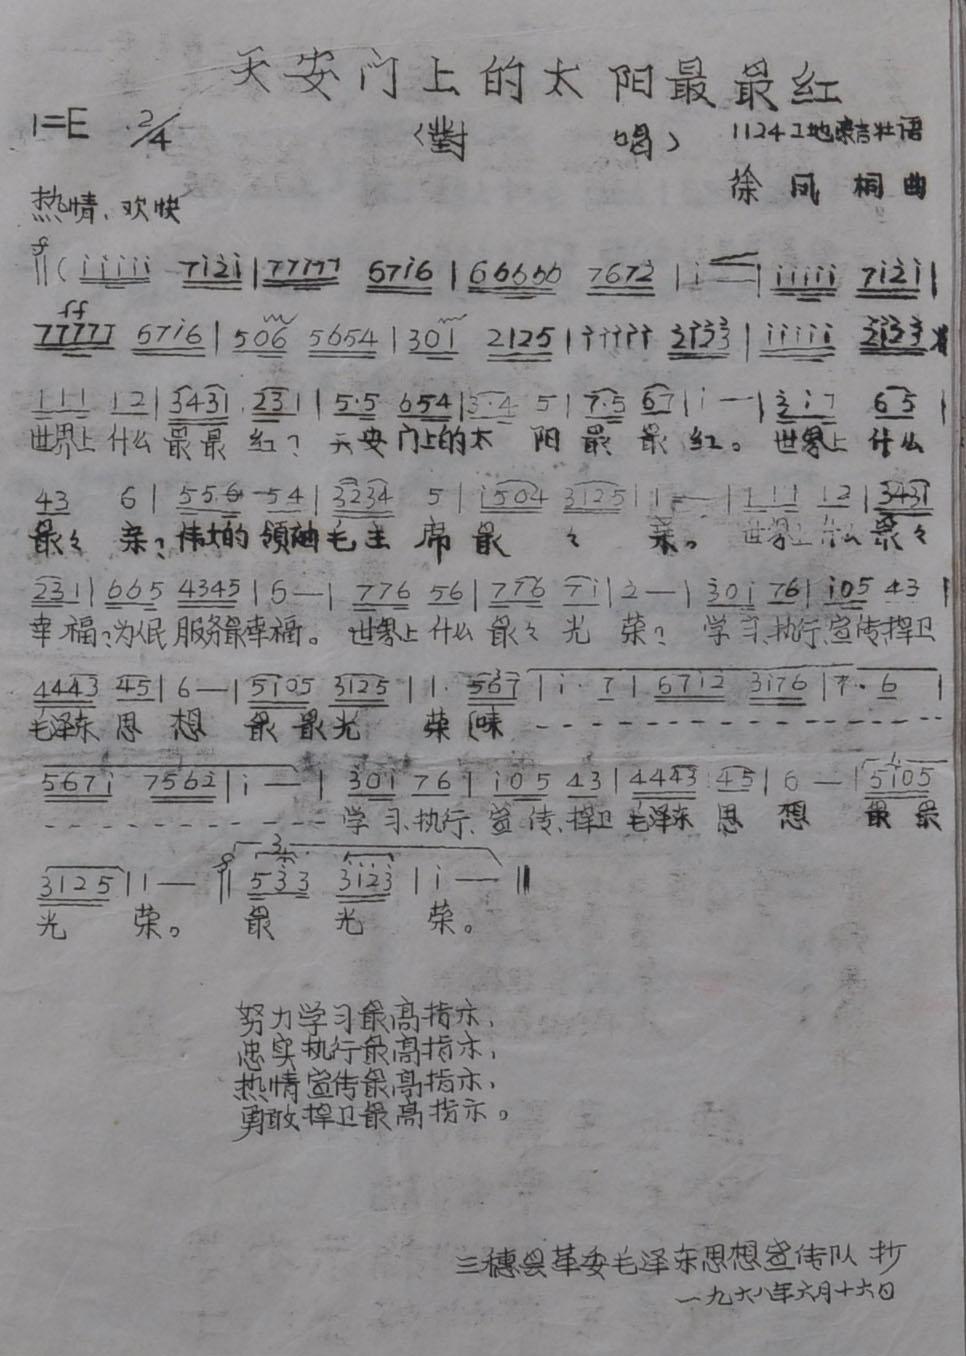 广东音乐喜洋洋曲谱